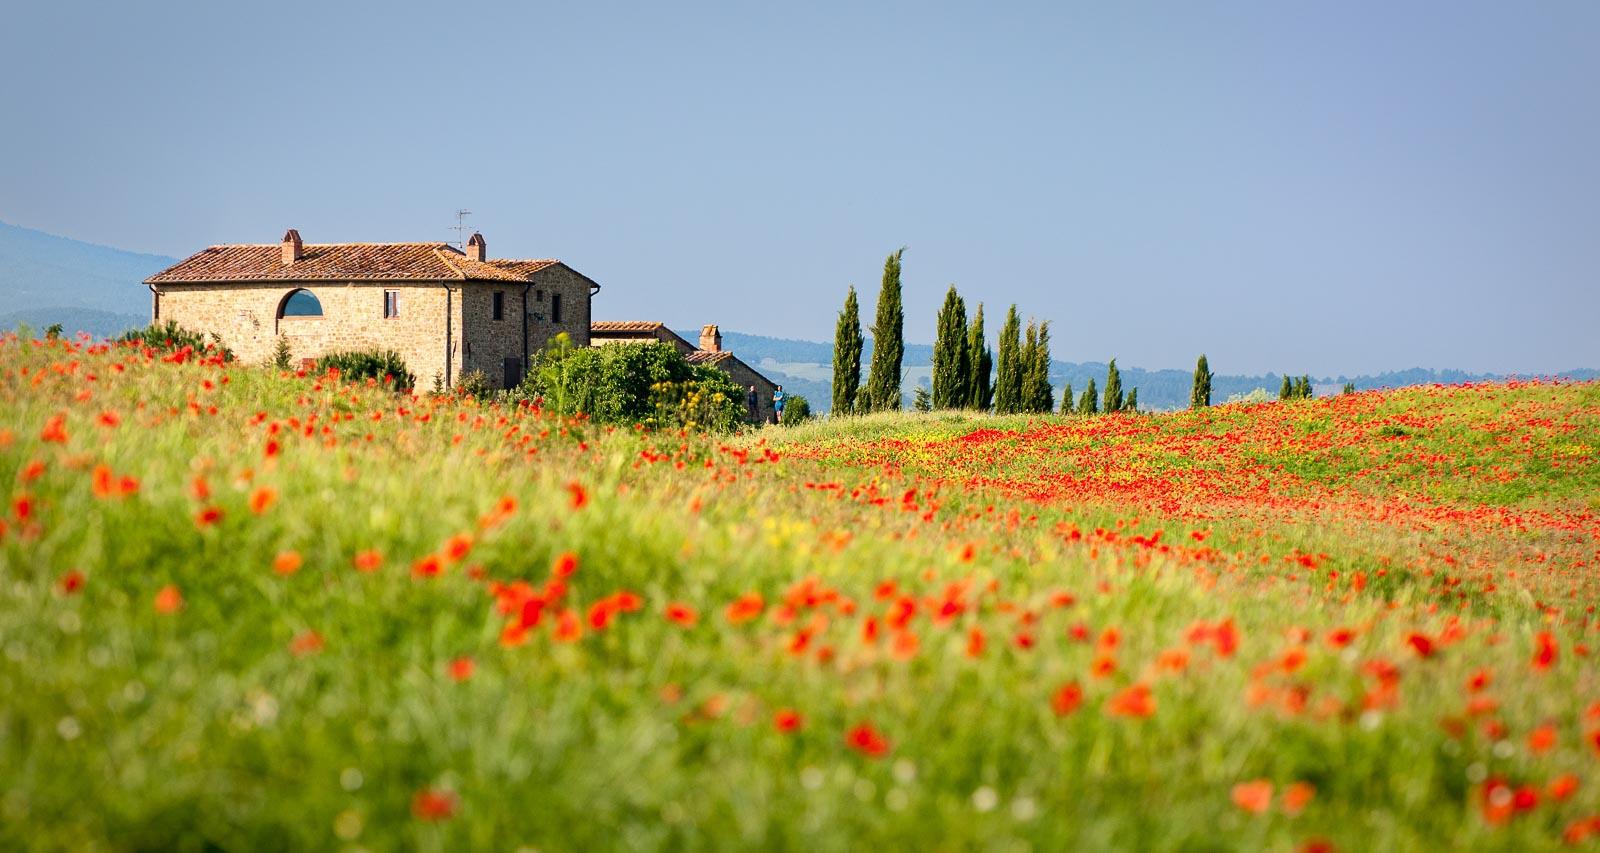 Landhaus in einer Blumenwiese